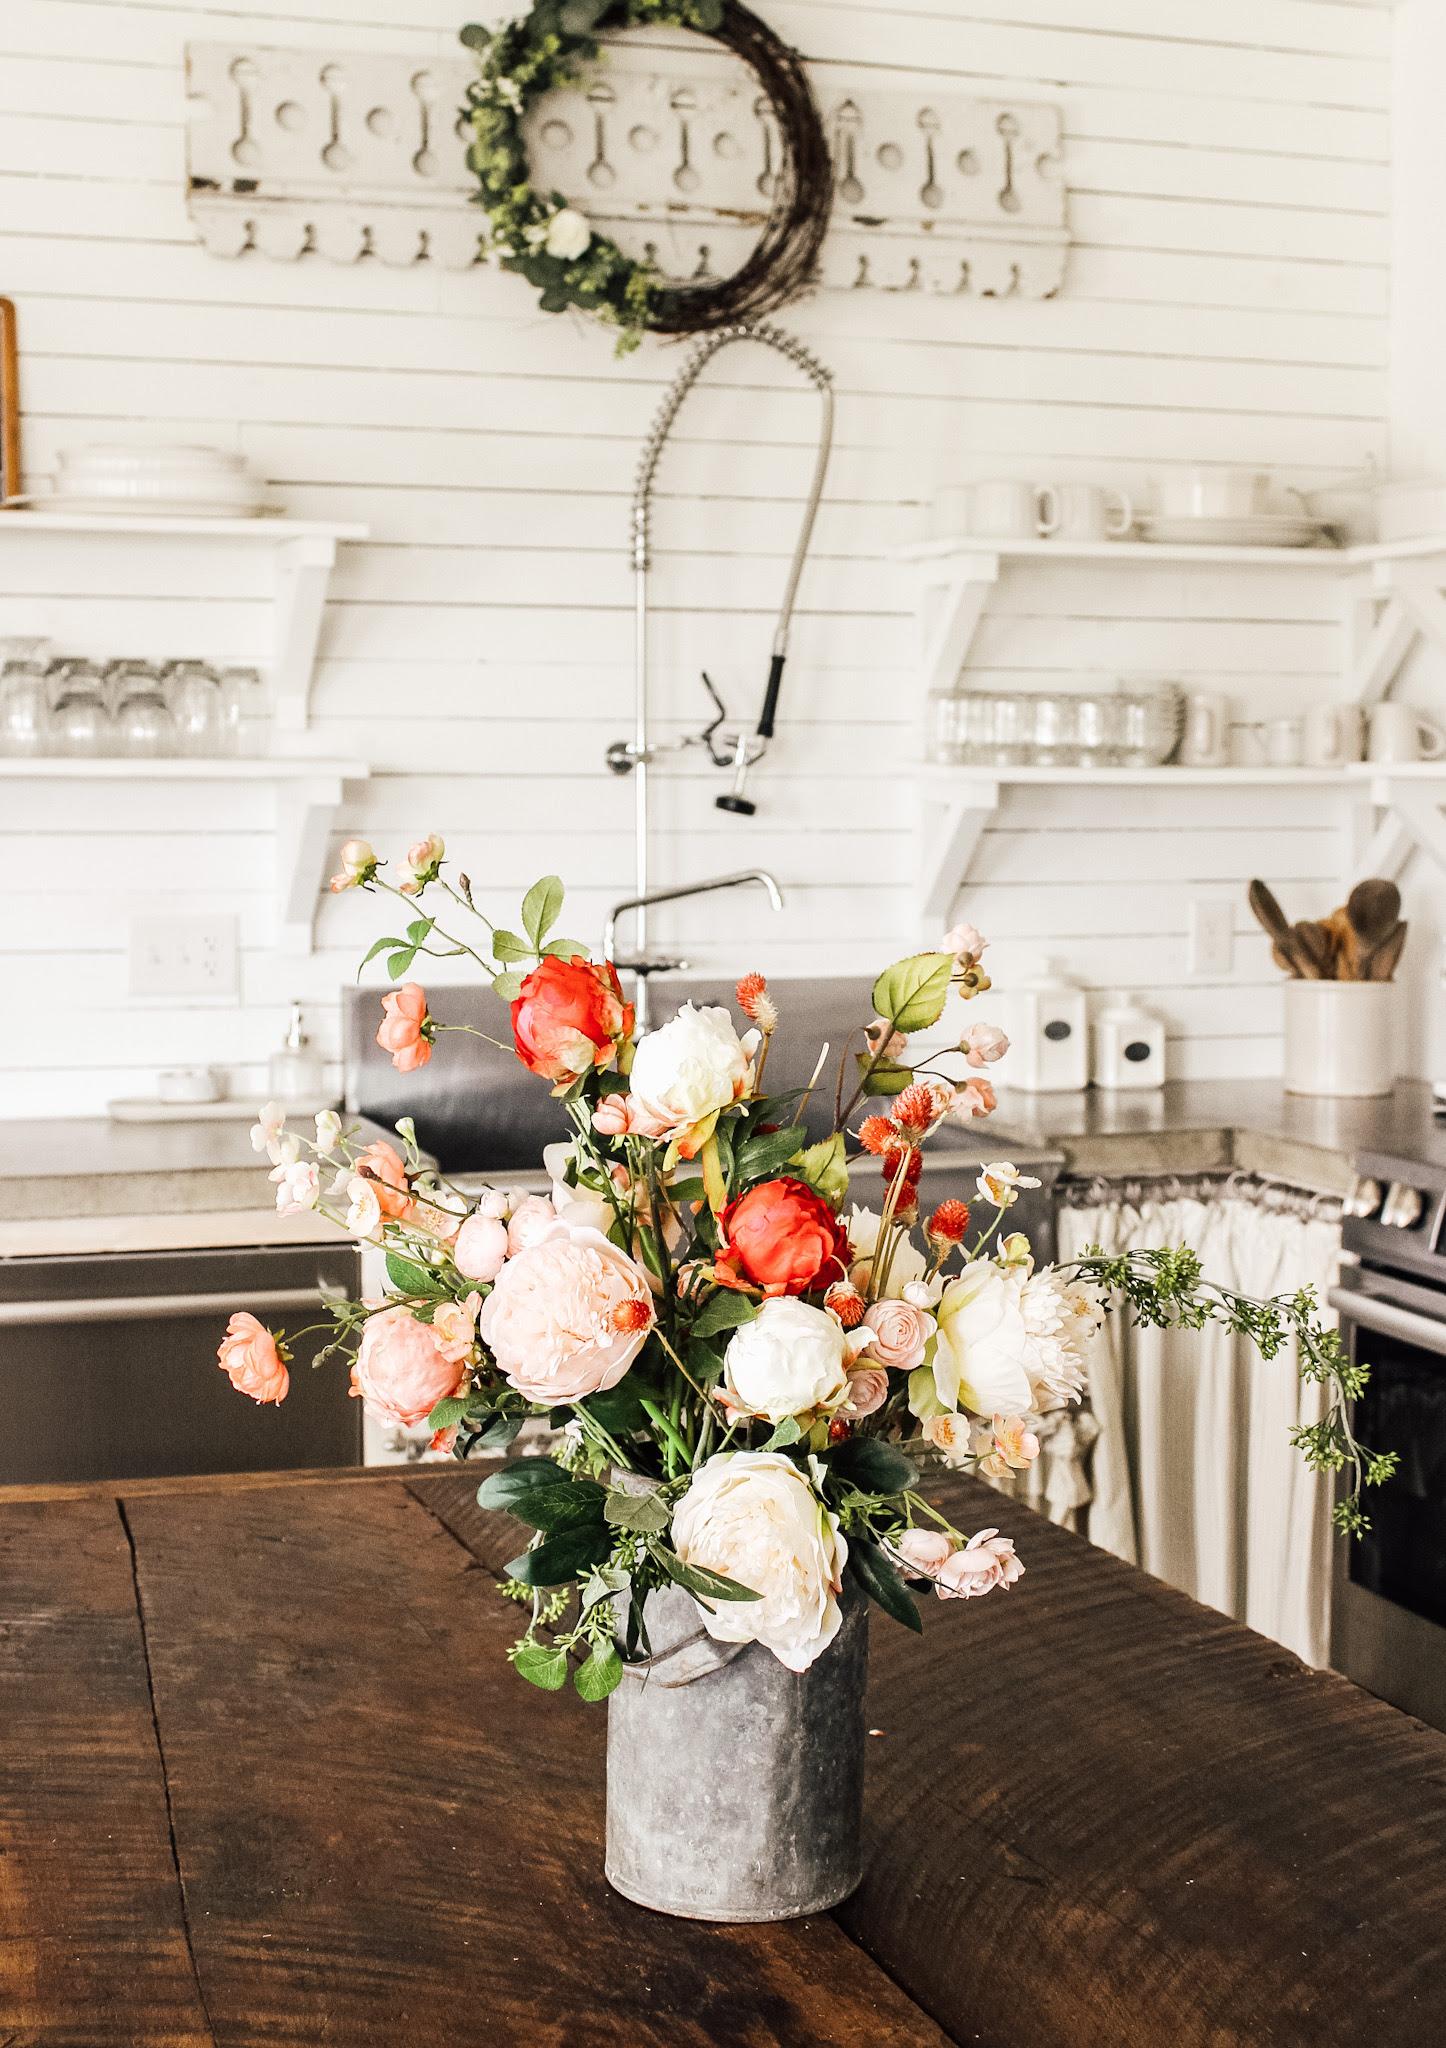 Creating A Simple Faux Floral Arrangement Fletcher Creek Cottage